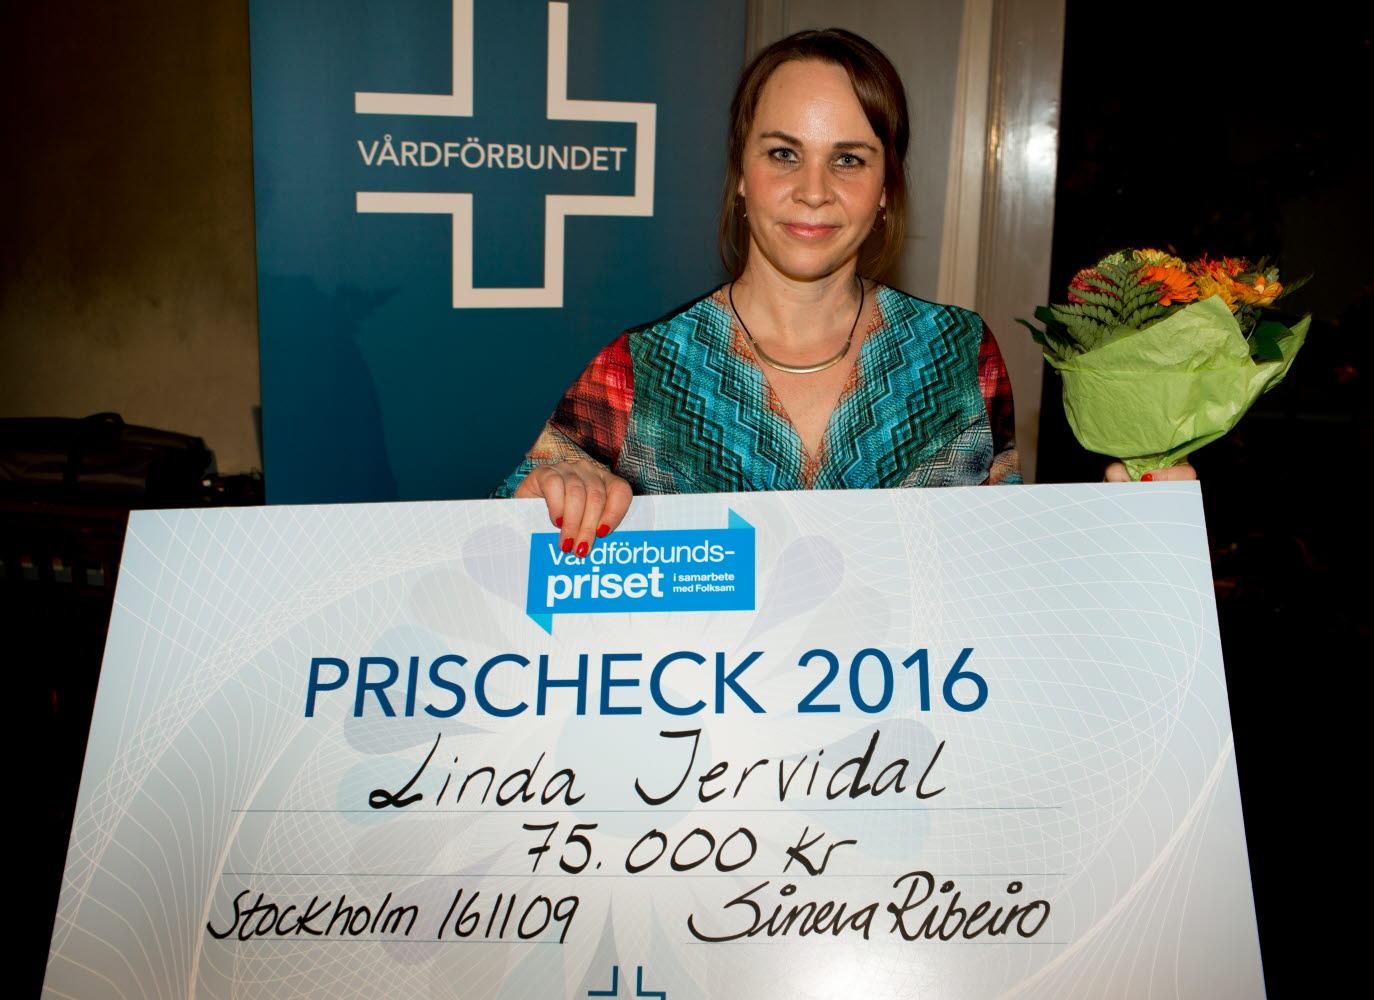 Linda Jervidal, Vårdförbundspriset Vårdgalan 2016